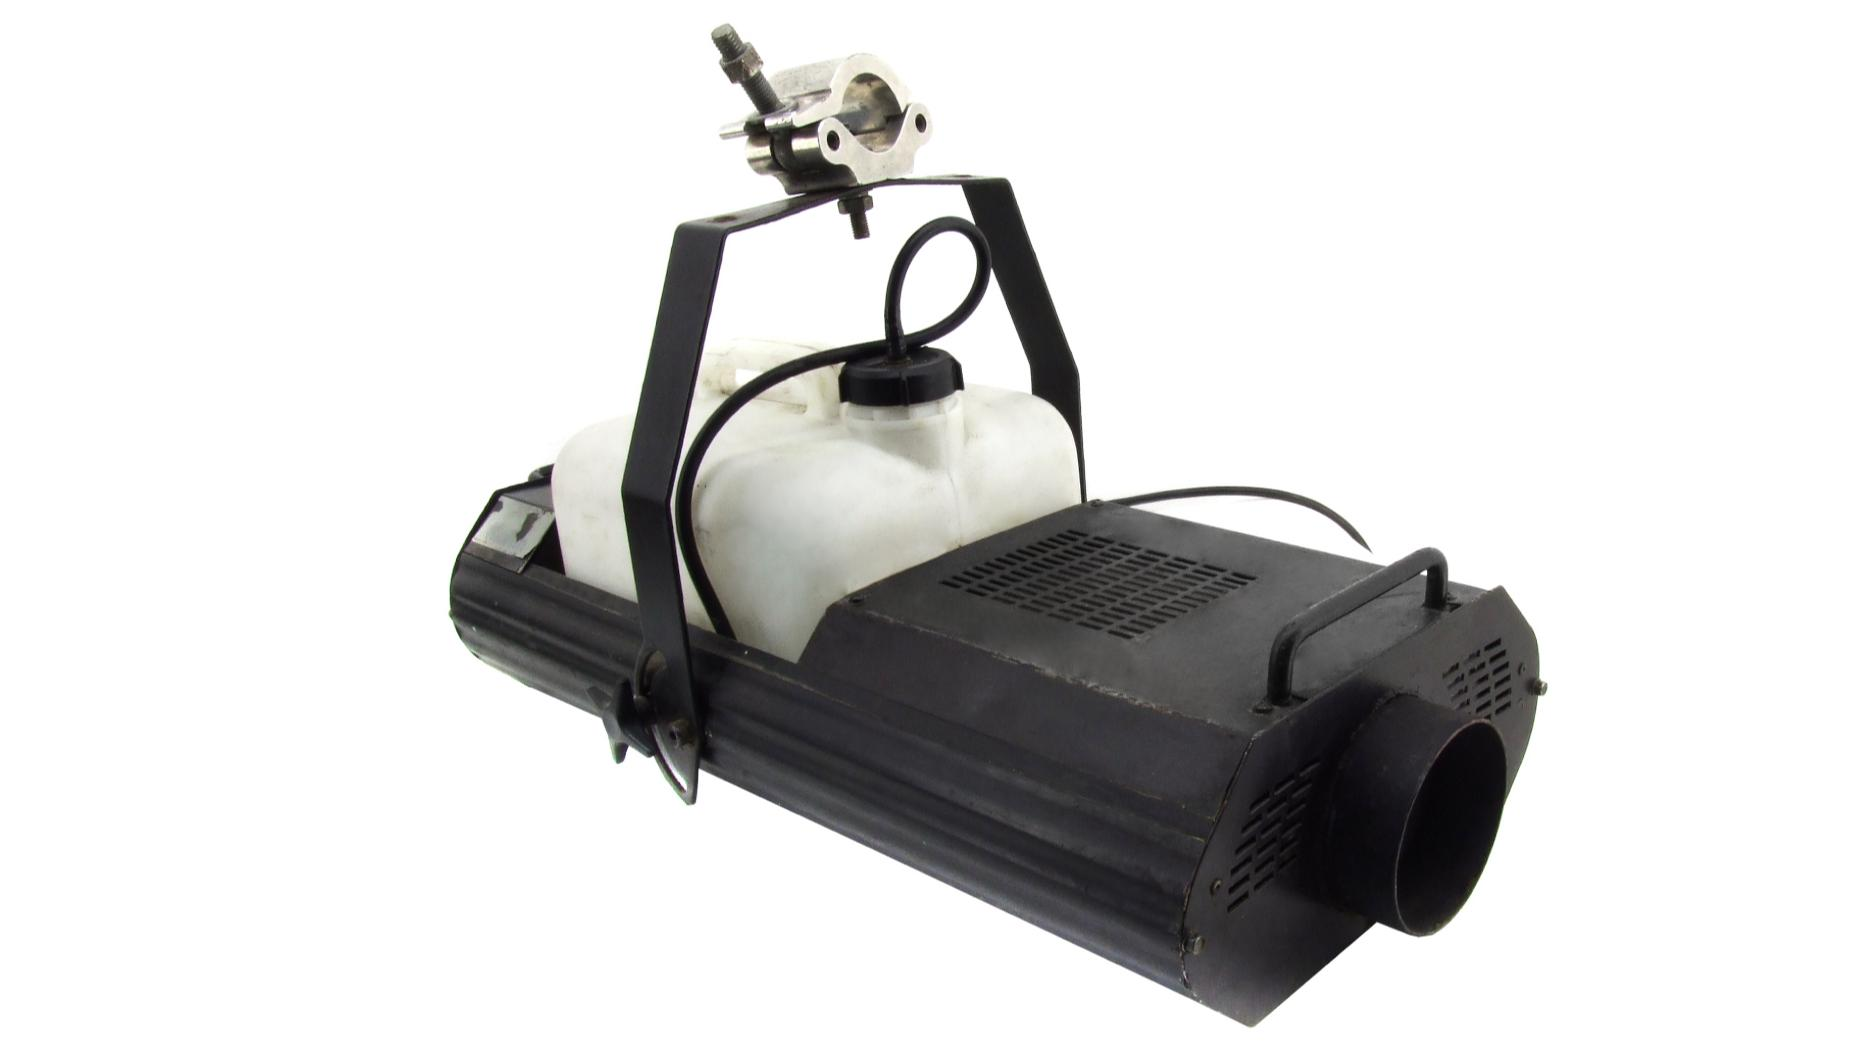 Nebelmaschine mieten & vermieten - Nebelmaschine Martin Magnum Pro 2000 1600W in Schkeuditz